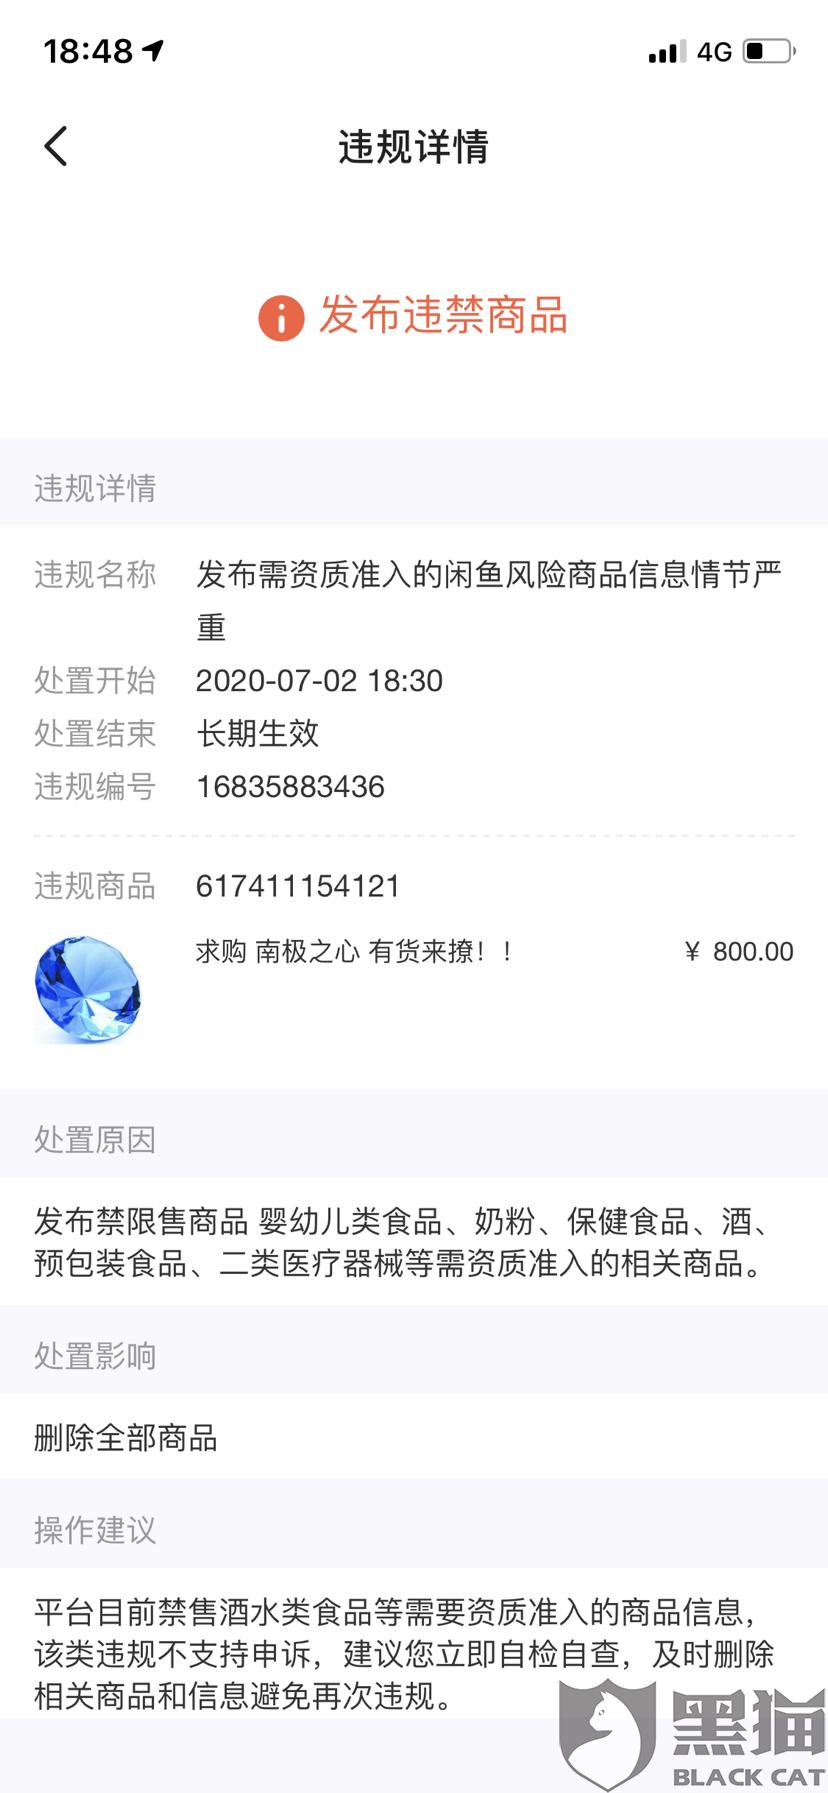 黑猫投诉:麻烦闲鱼官方恢复账号